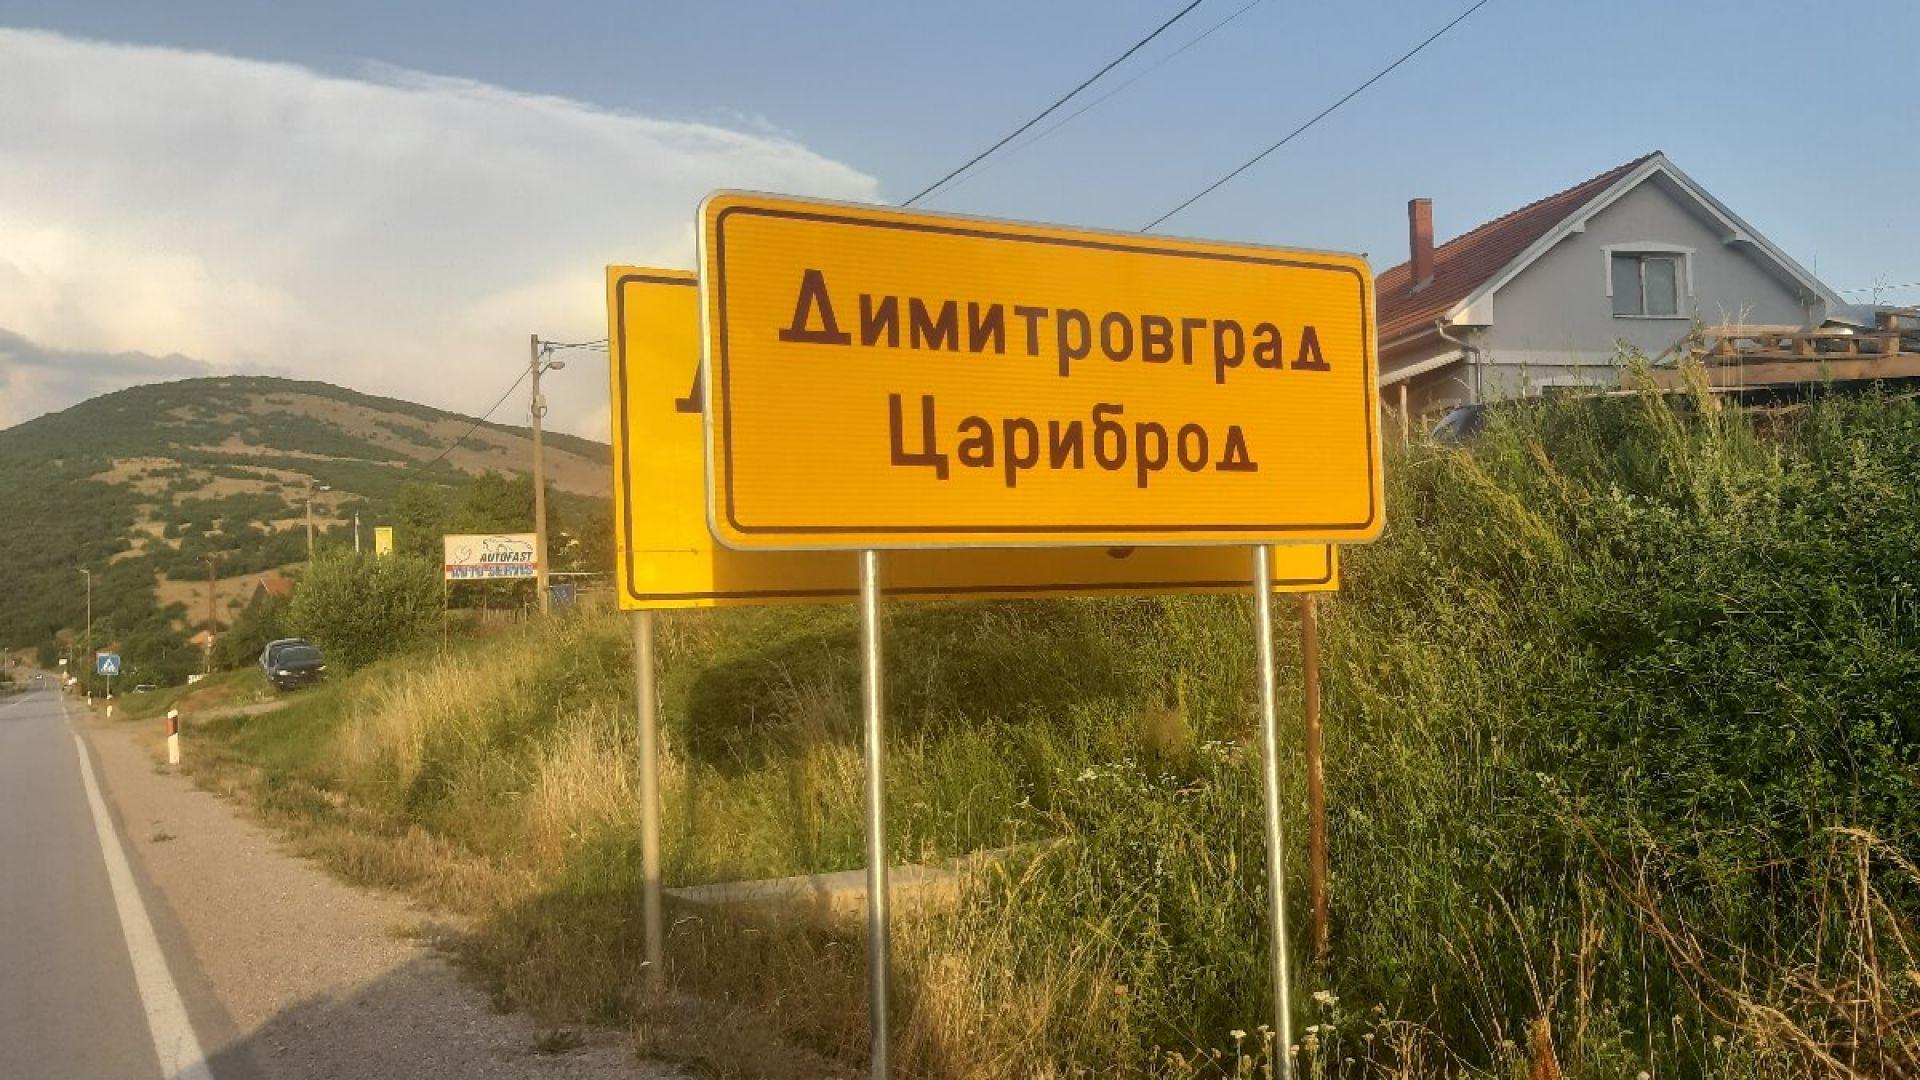 След десетилетие чакане: Пътни знаци на майчин български език в Цариброд